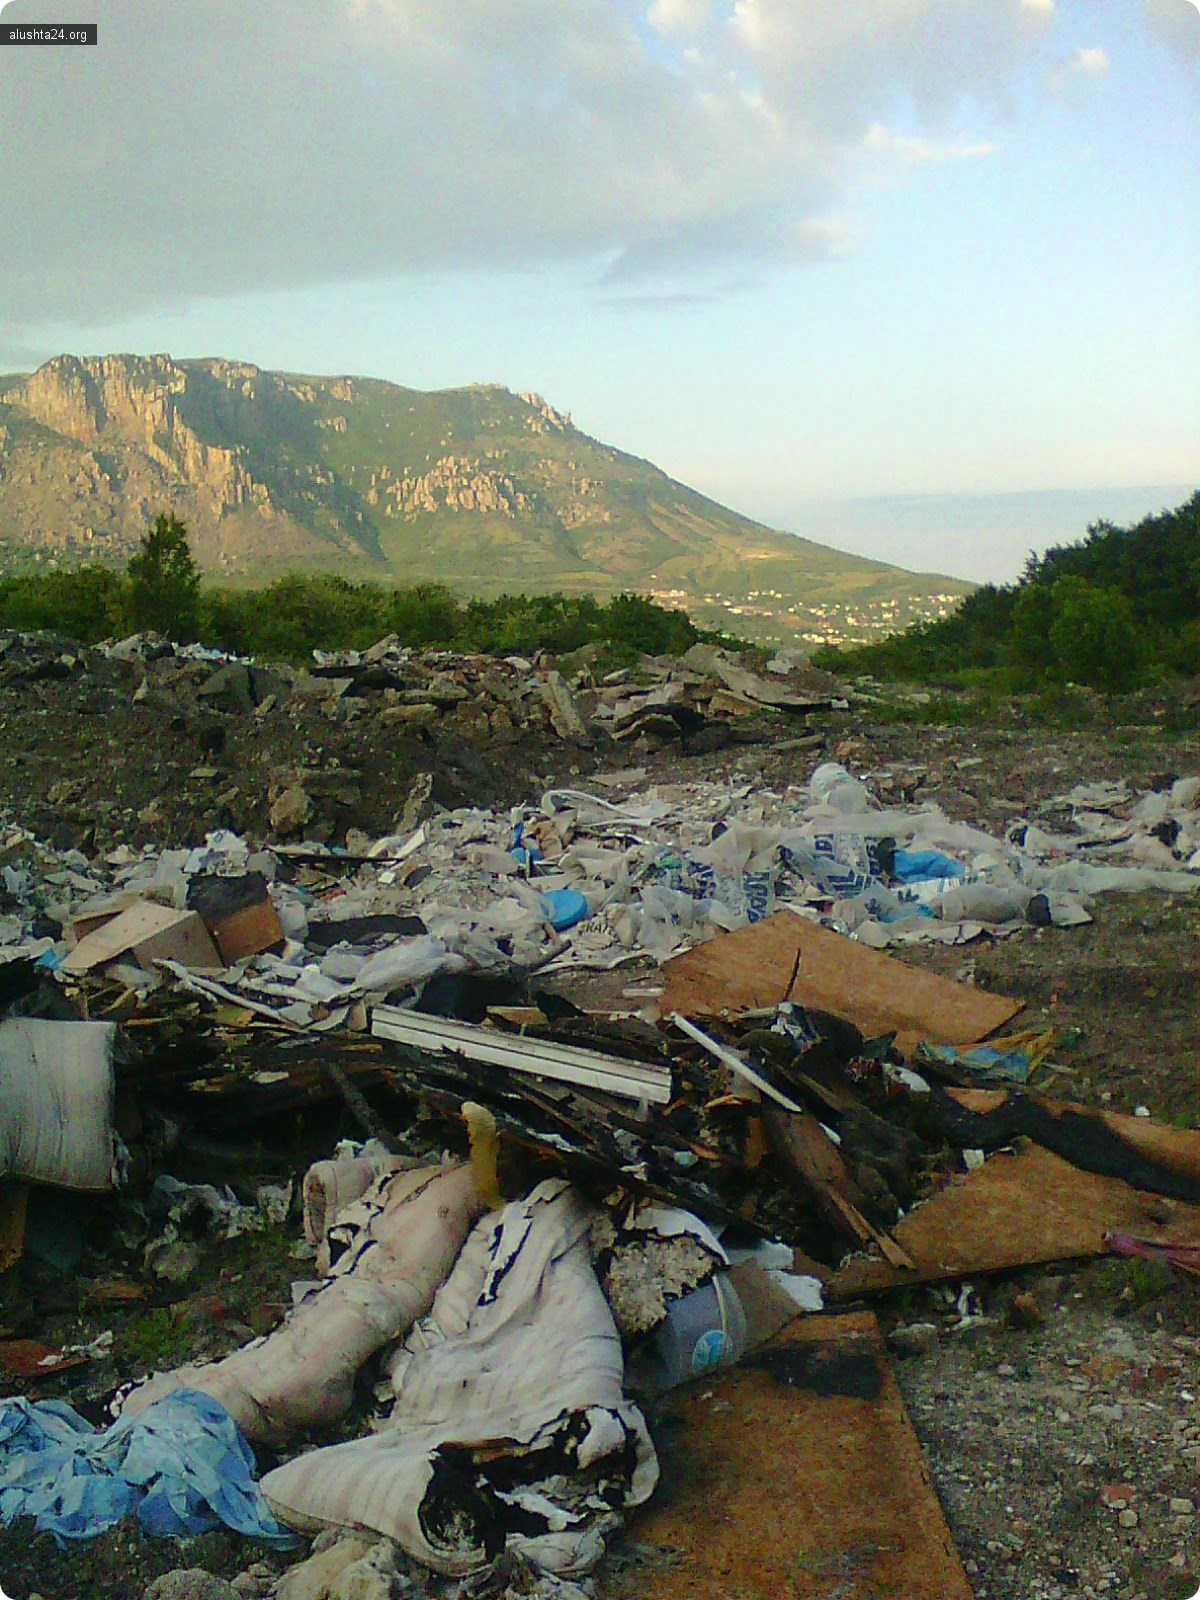 Черный список: Несанкционированная свалка В.Кутузовка-Ангарский перевал в зоне водосбора питьевой воды Алушты